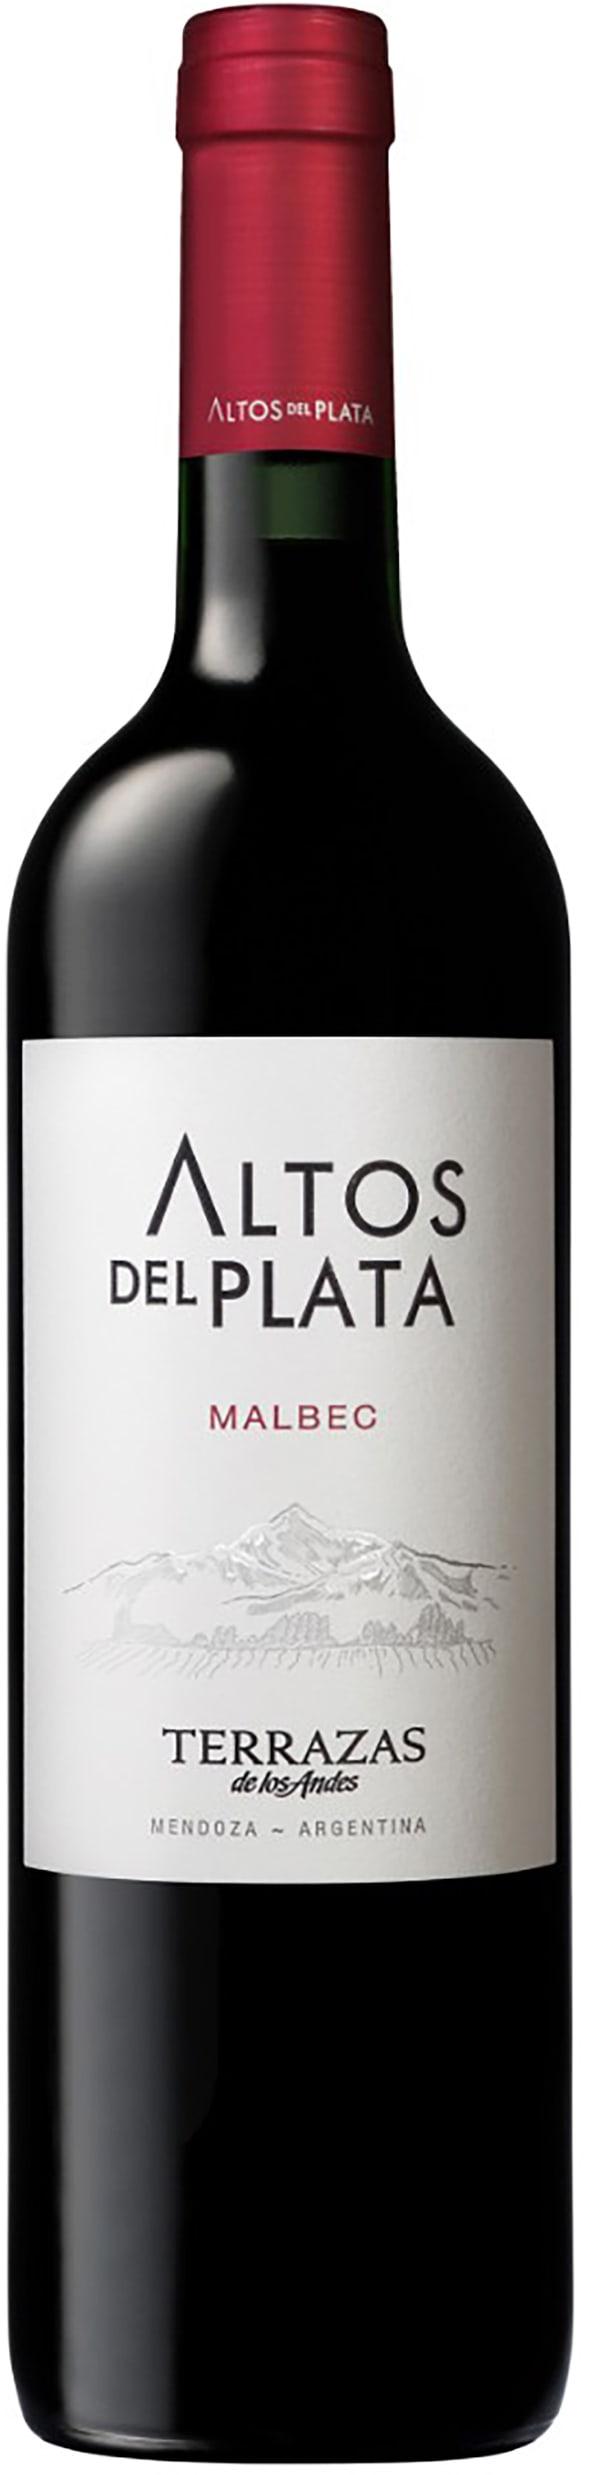 Terrazas de los Andes Altos del Plata Malbec 2015